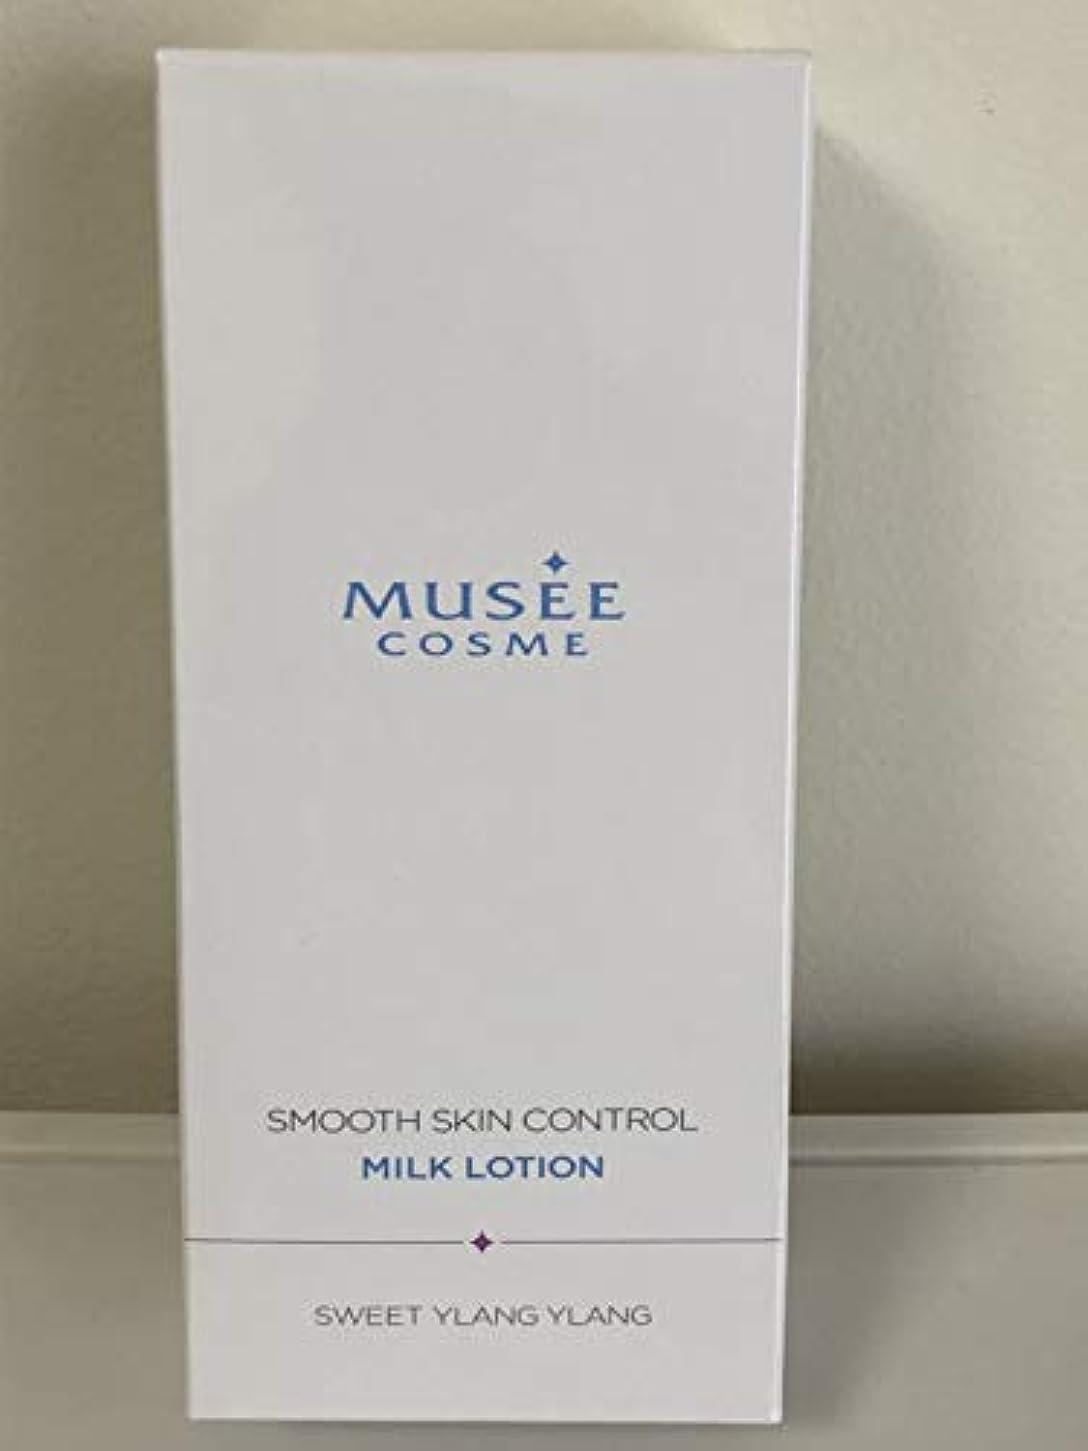 ゆり累積悪いミュゼコスメ 薬用スムーススキンコントロール ミルクローション 300mL スイートイランイランの香り